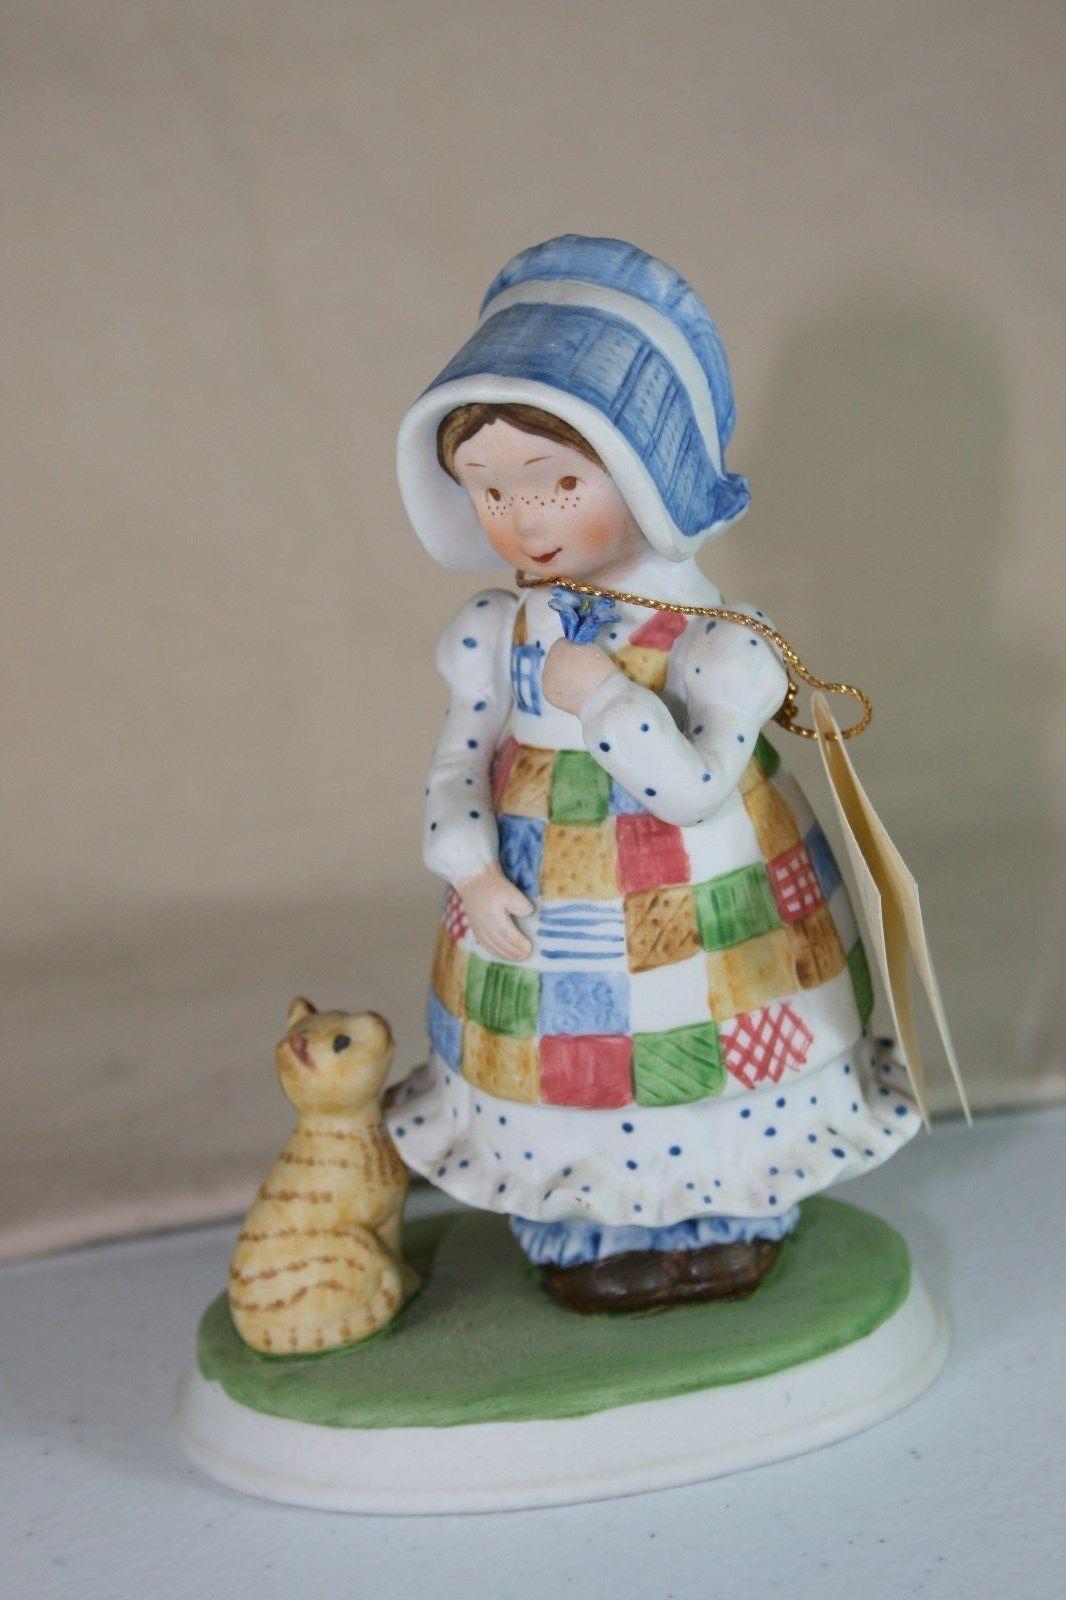 Vintage 1979 holly hobbie figurine blue girl ladies head vases vintage 1979 holly hobbie figurine blue girl reviewsmspy